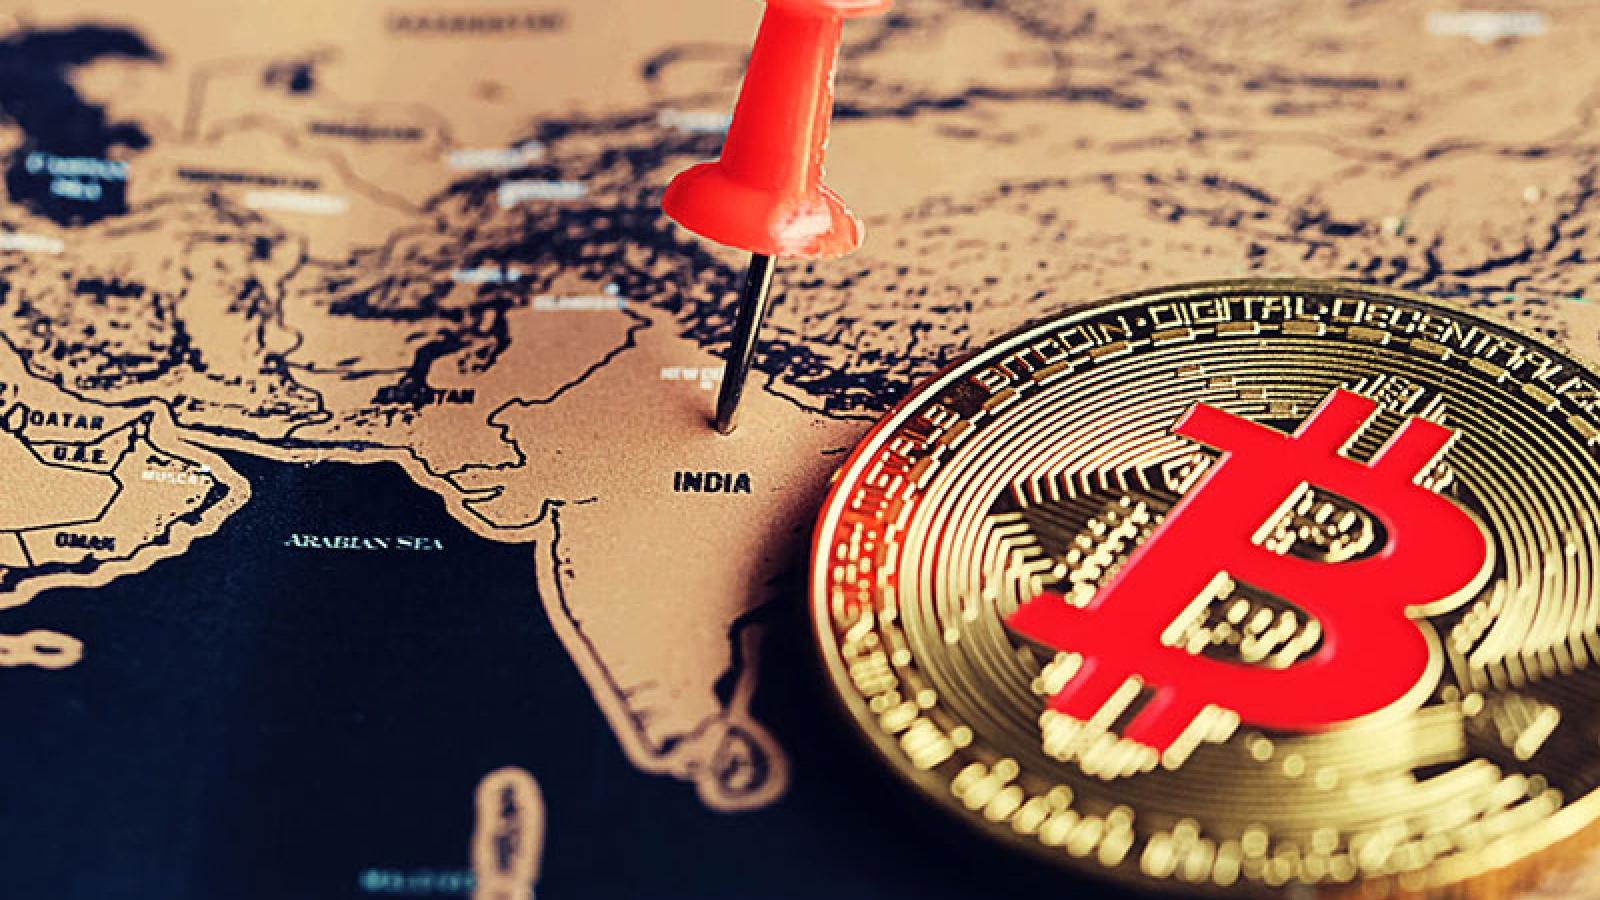 Ấn Độ sẵn sàng lệnh cấm tiền ảo, giá Bitcoin giảm mạnh